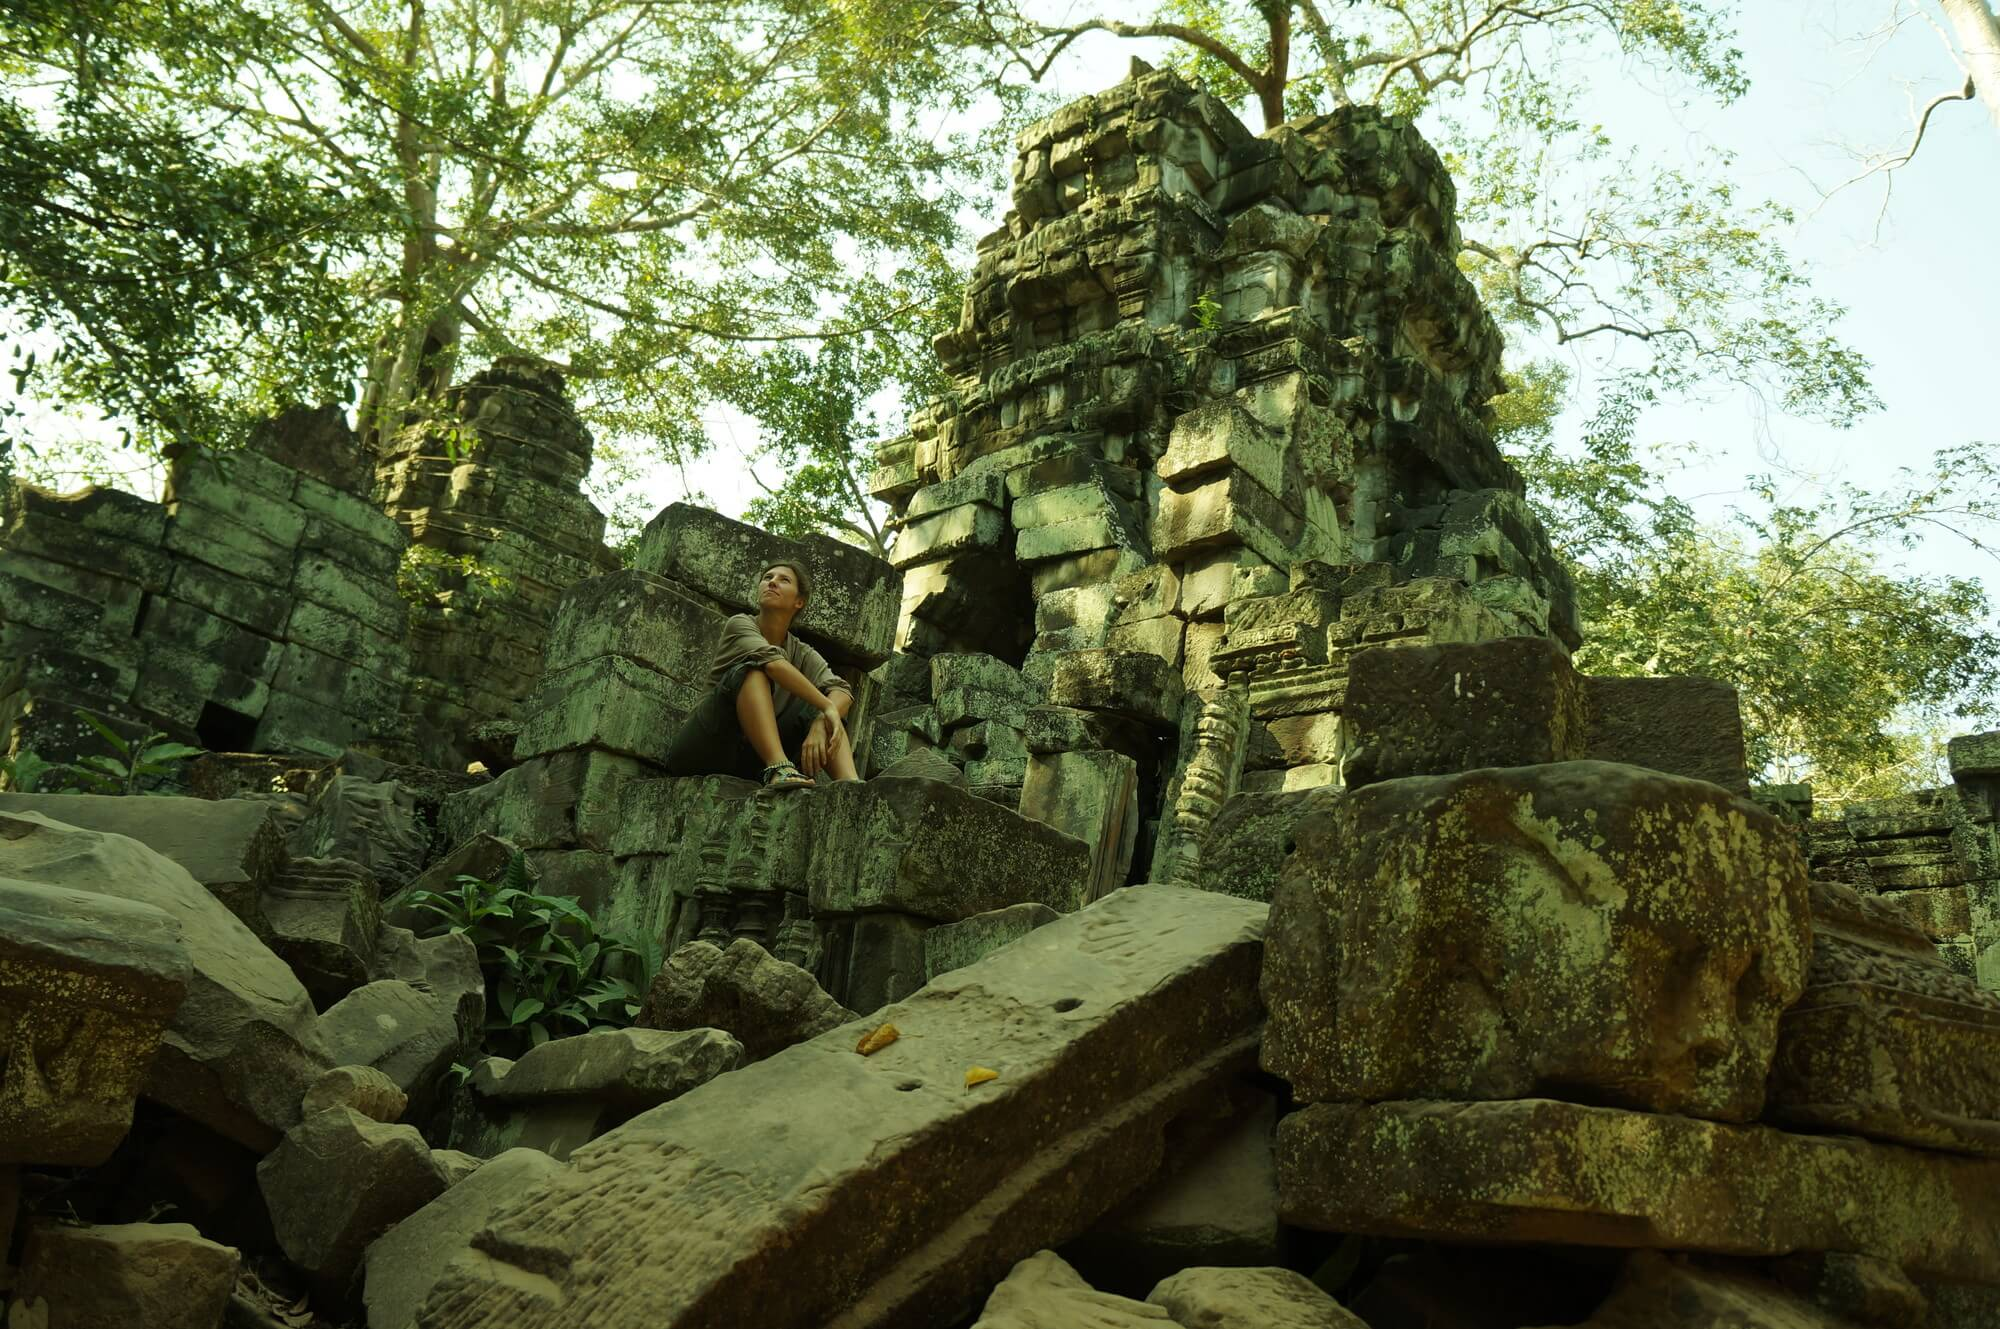 angkor-wat-tomb-raider-8